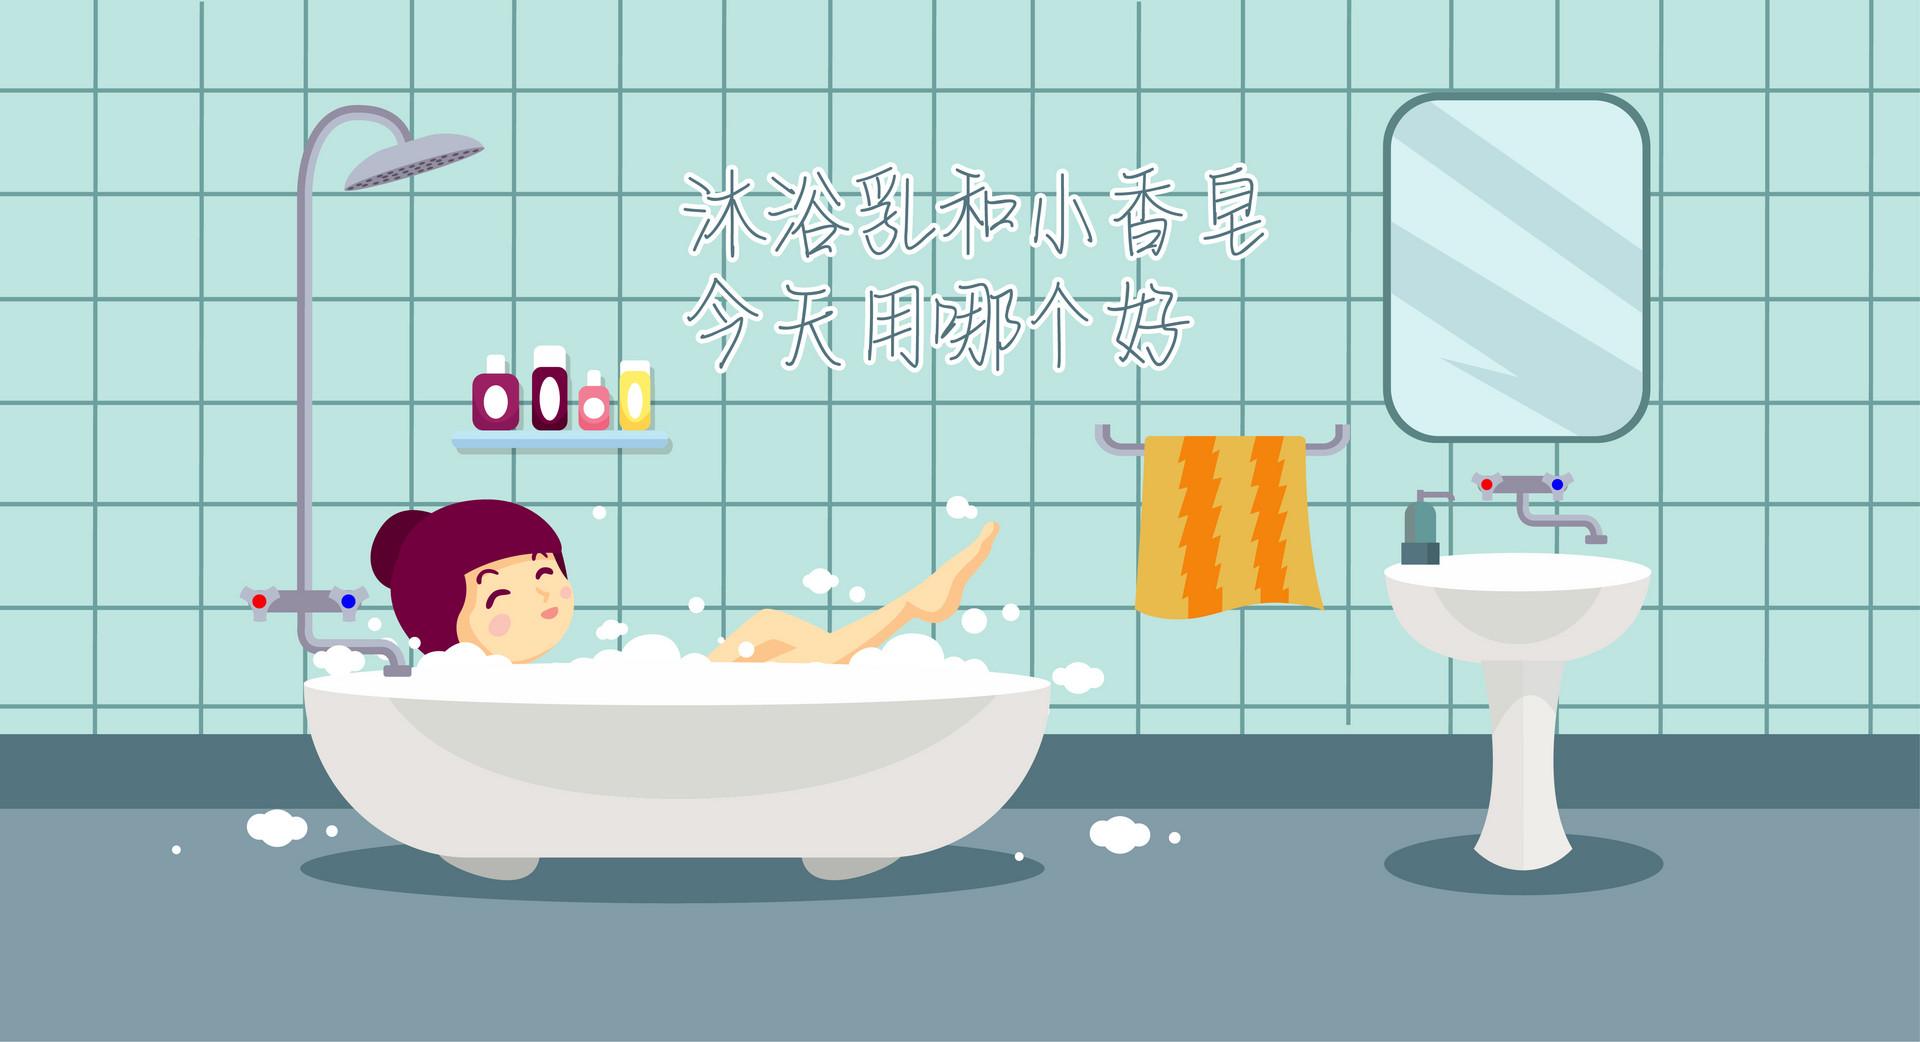 中国个人护理与化妆品市场值得探讨的3大趋势_产业聚焦_洗涤用品_中国洗涤用品行业信息网